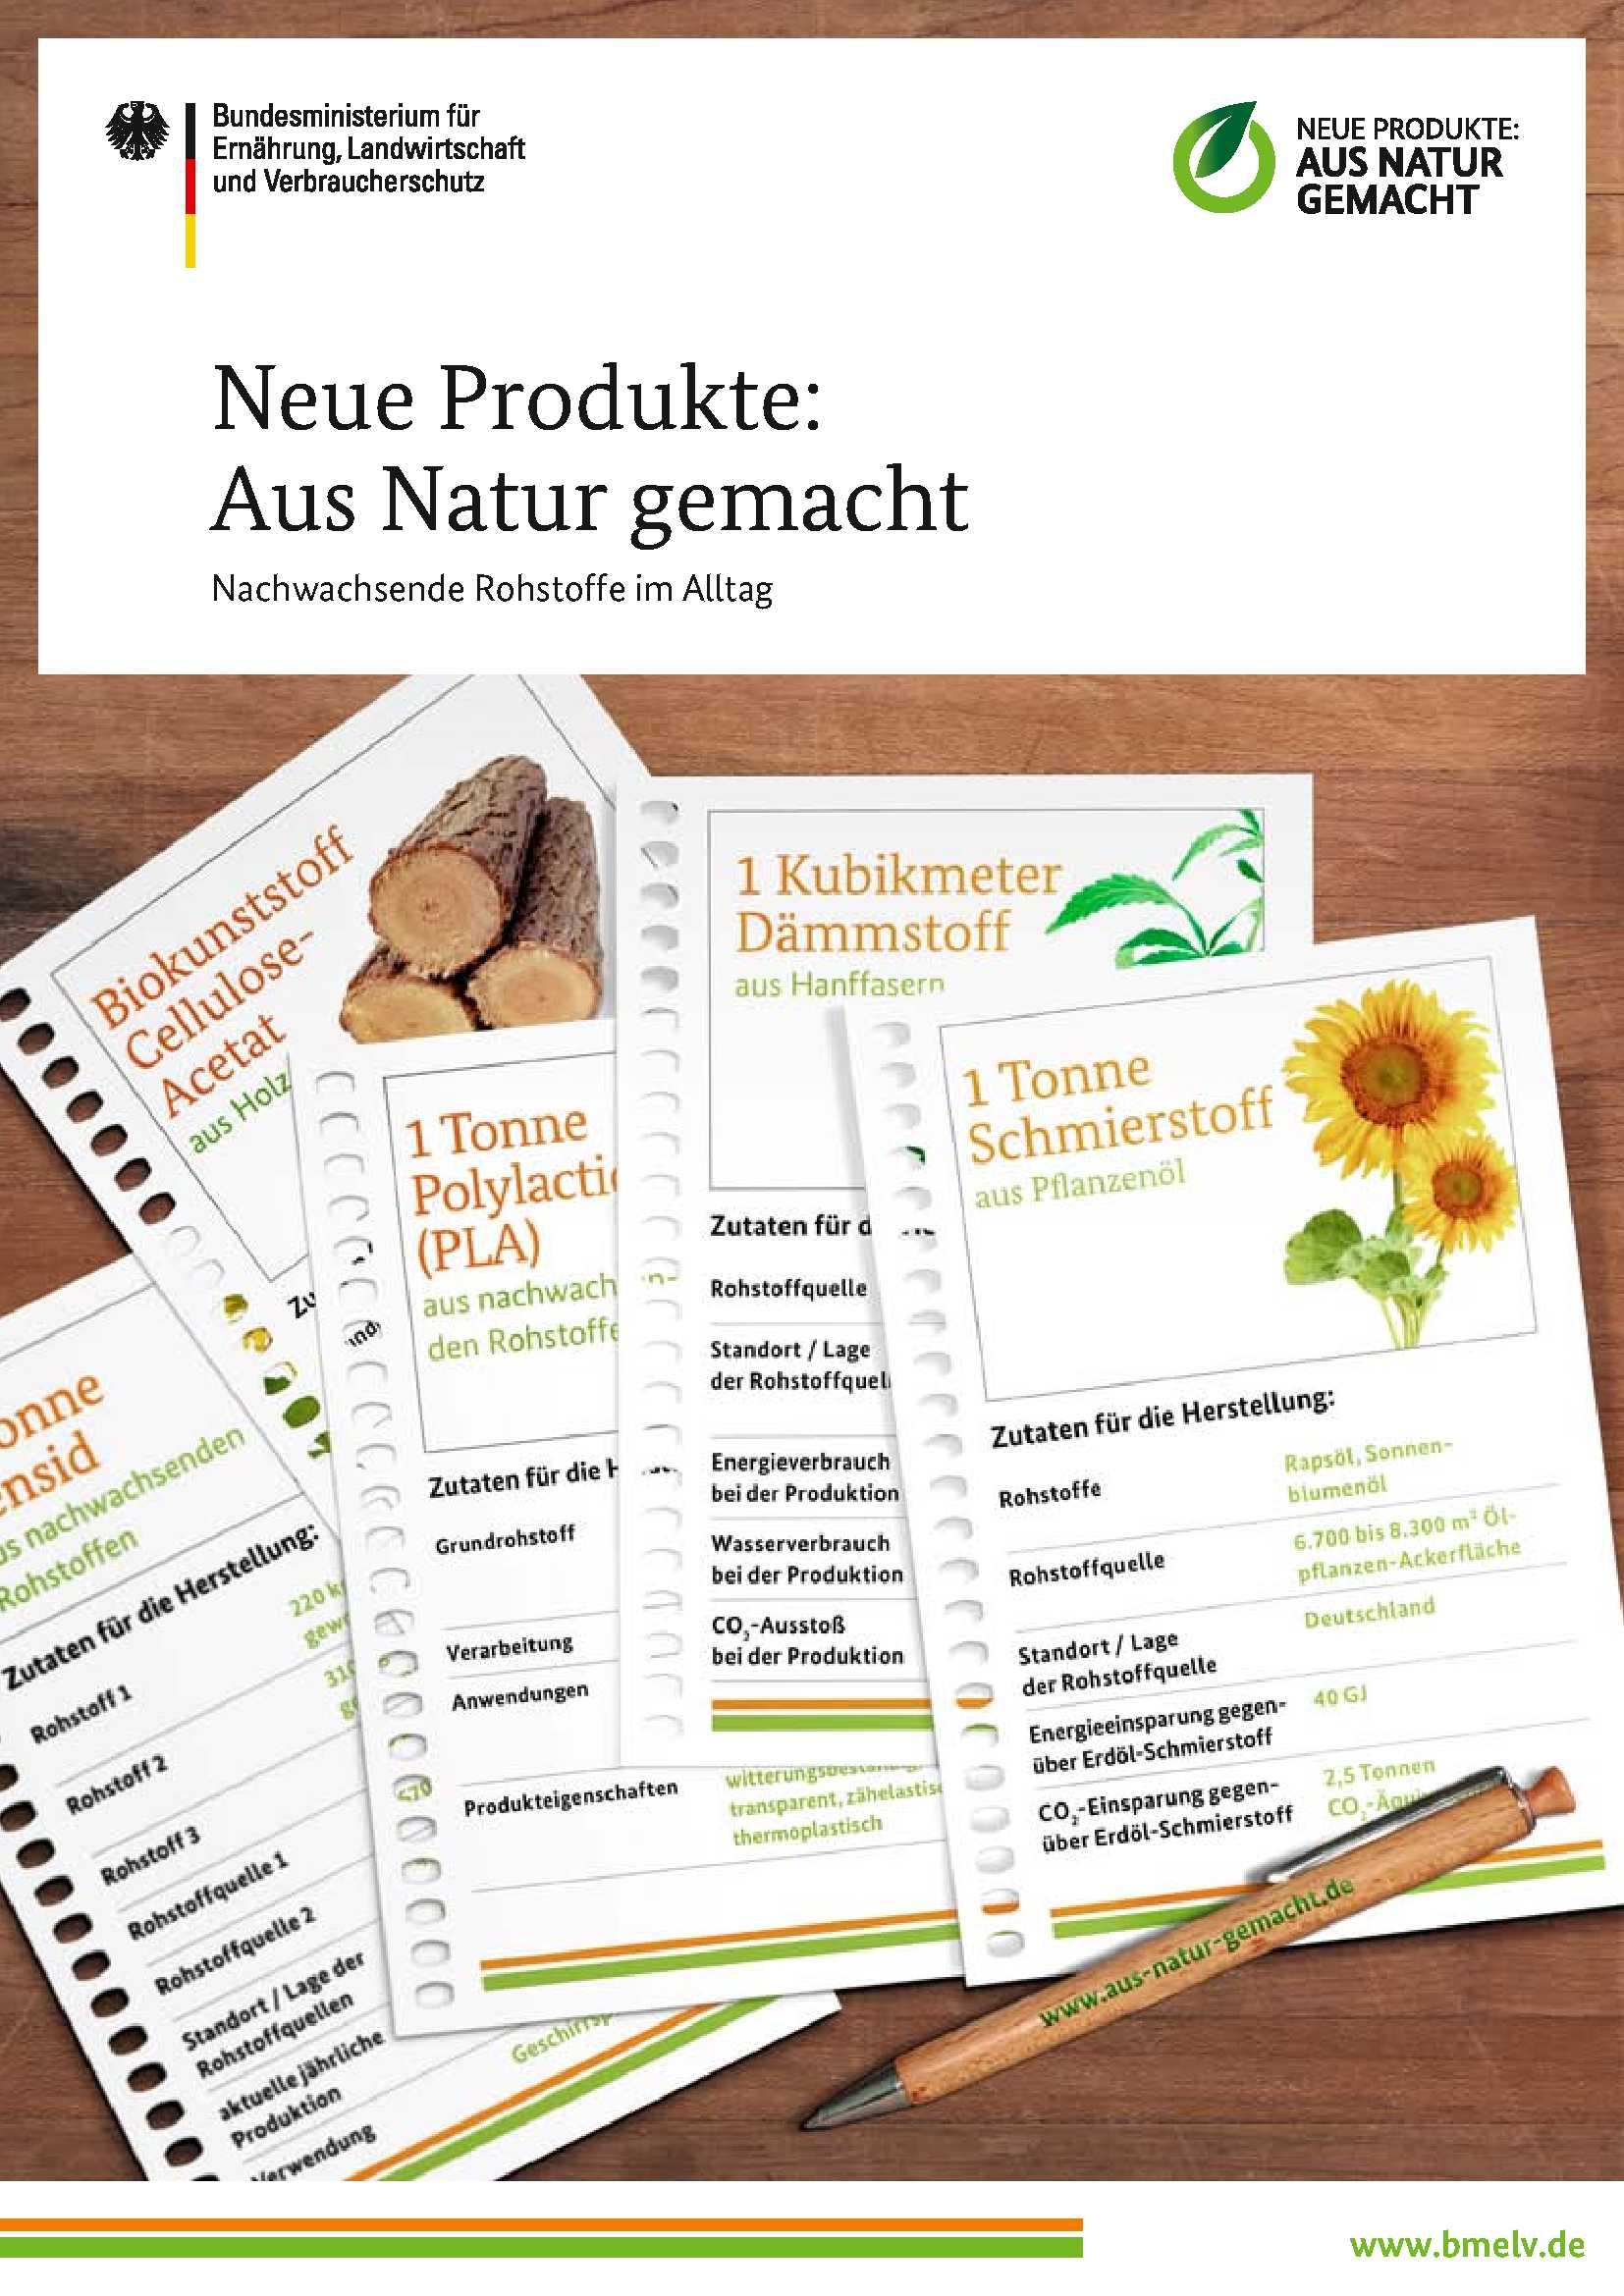 FNR: Lehrmaterialien für den Schulunterricht